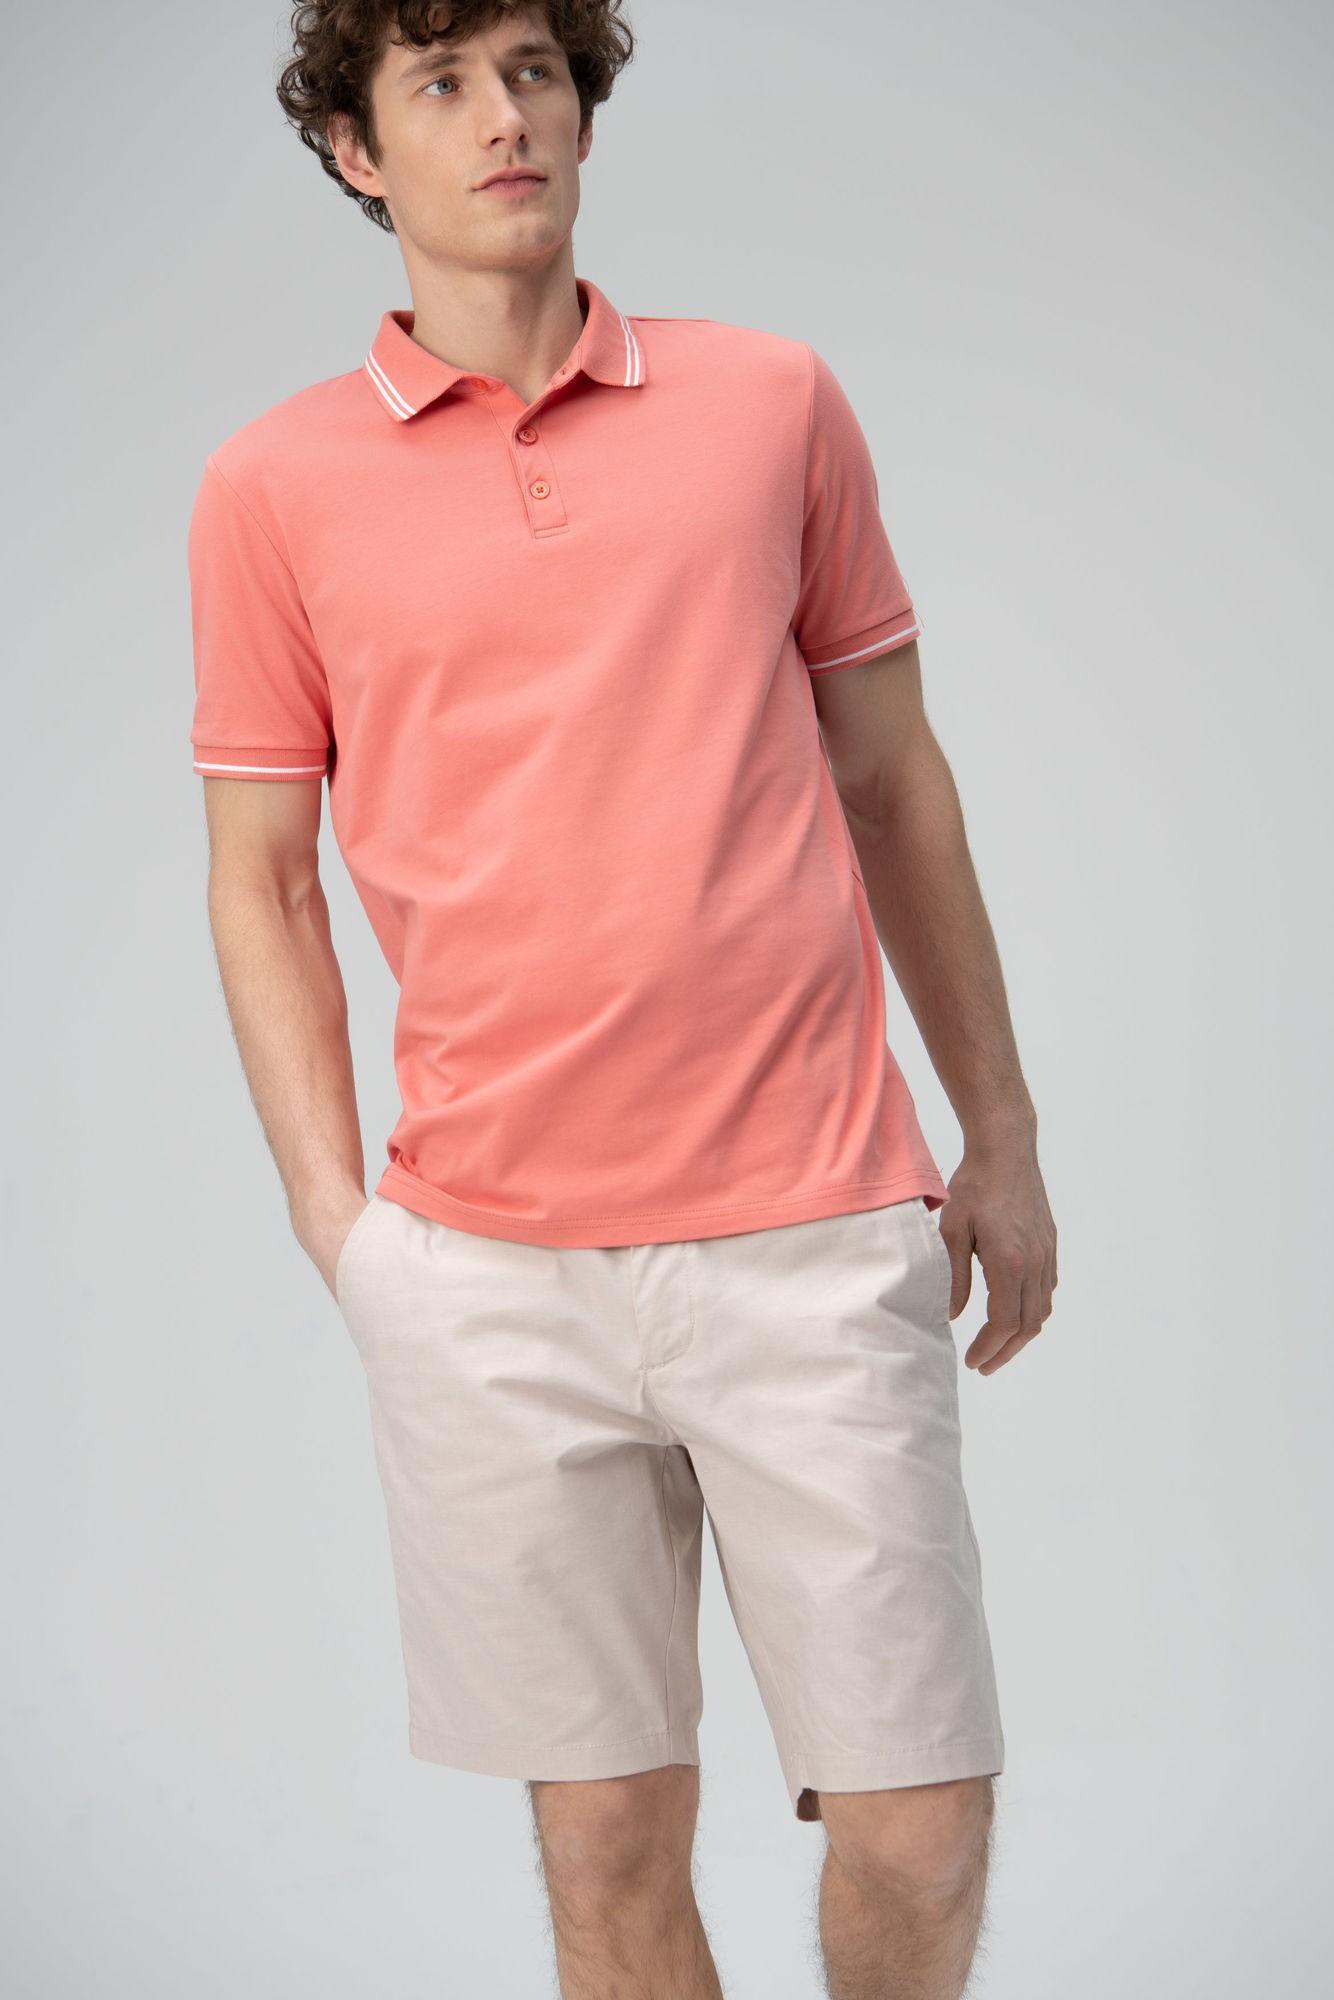 AUDIMAS Tamprūs medv. polo marškinėliai 2011-479 Lantana XL